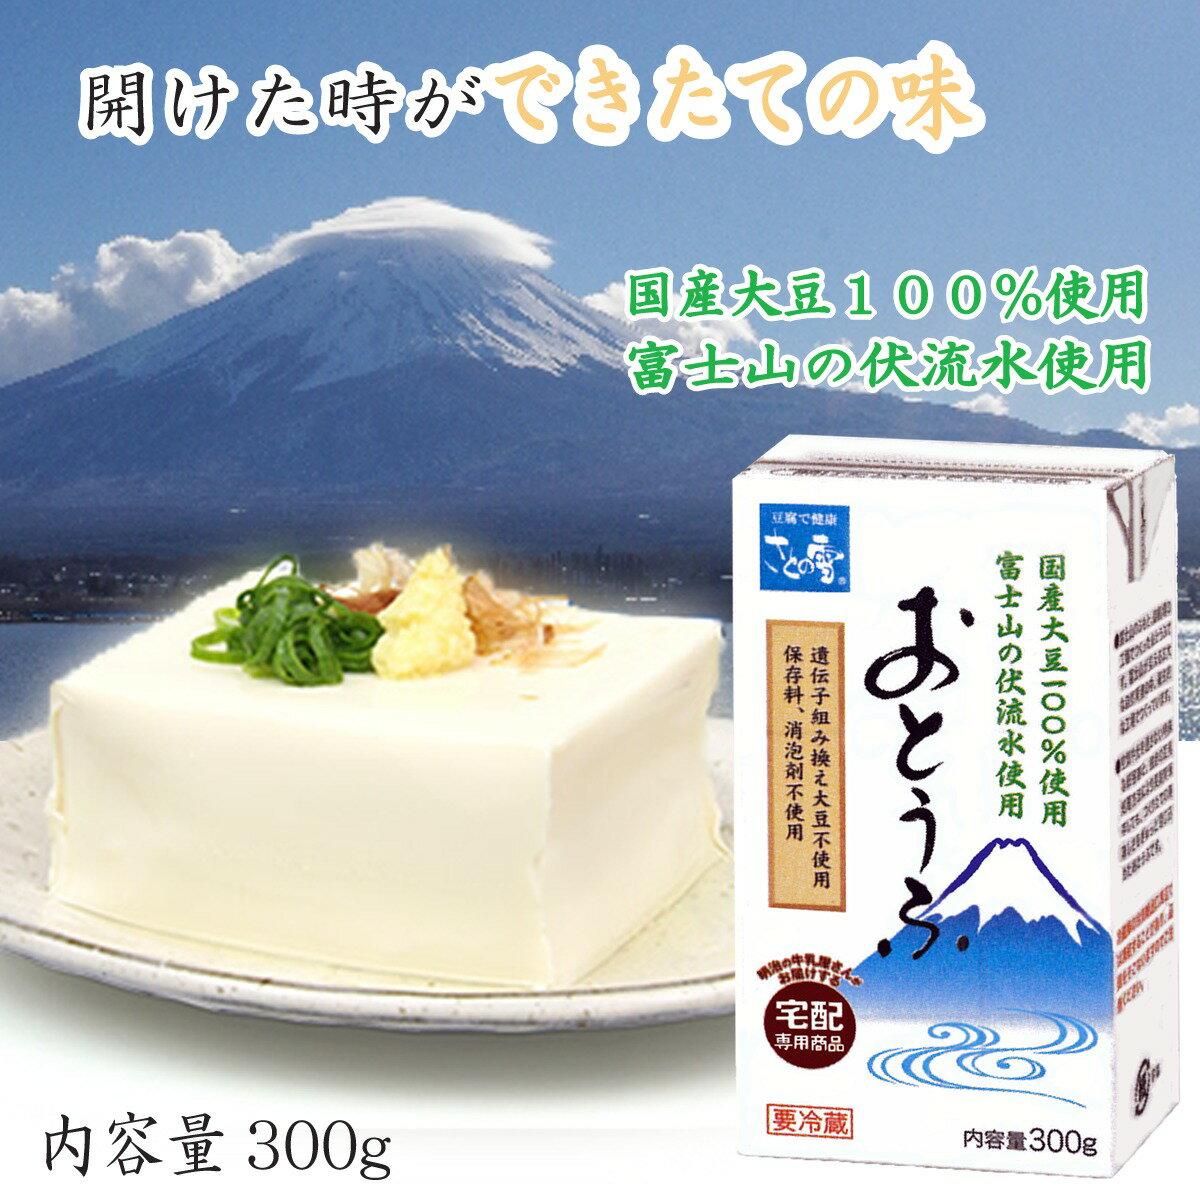 おとうふ【300g×12個入り】【充てん豆腐】【さとの雪食品】国産大豆100%使用(遺伝子組み換えでない)